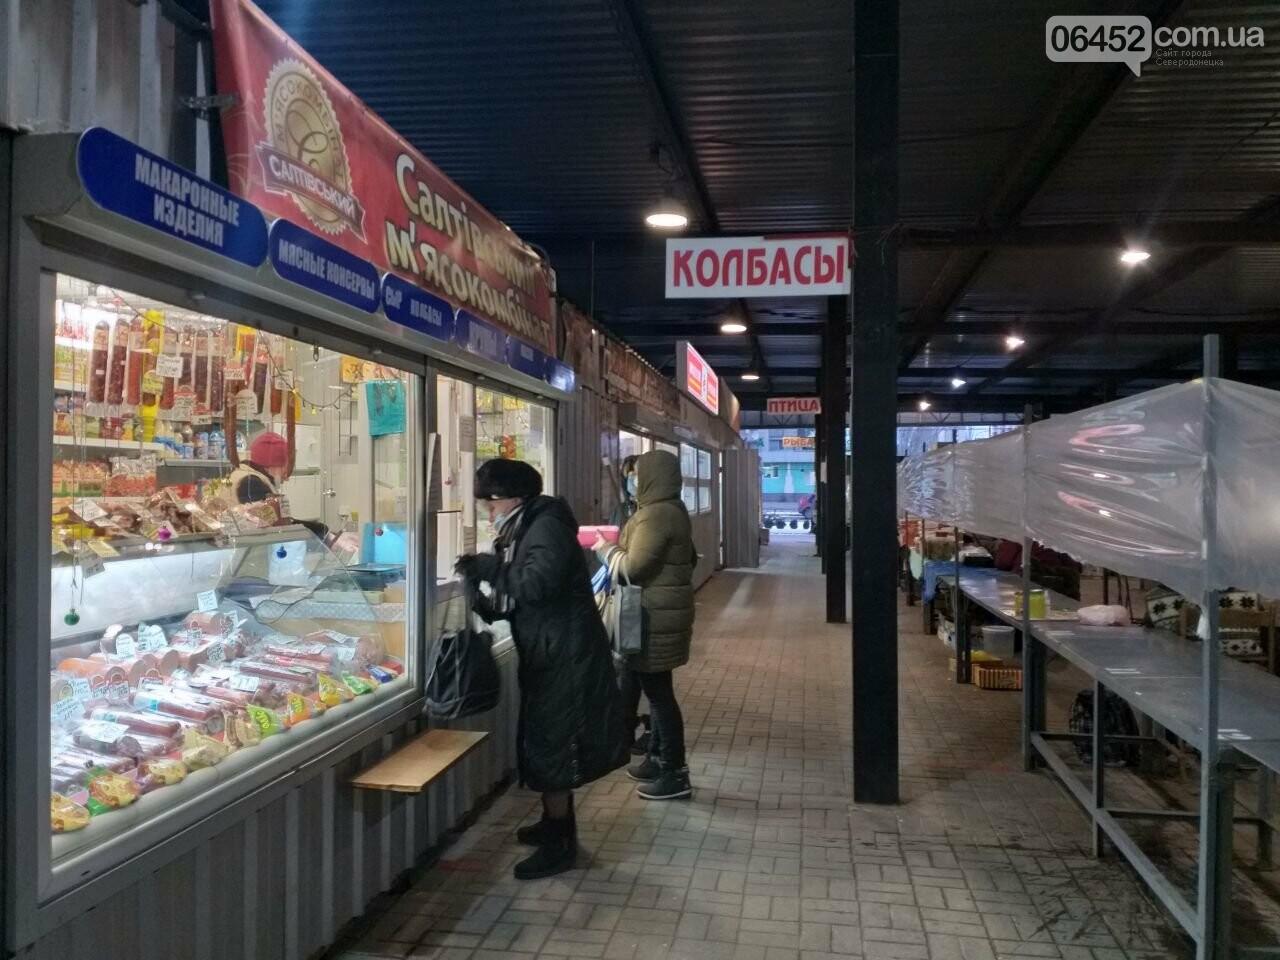 Названы продукты которые больше всего подорожали на Луганщине, фото-1